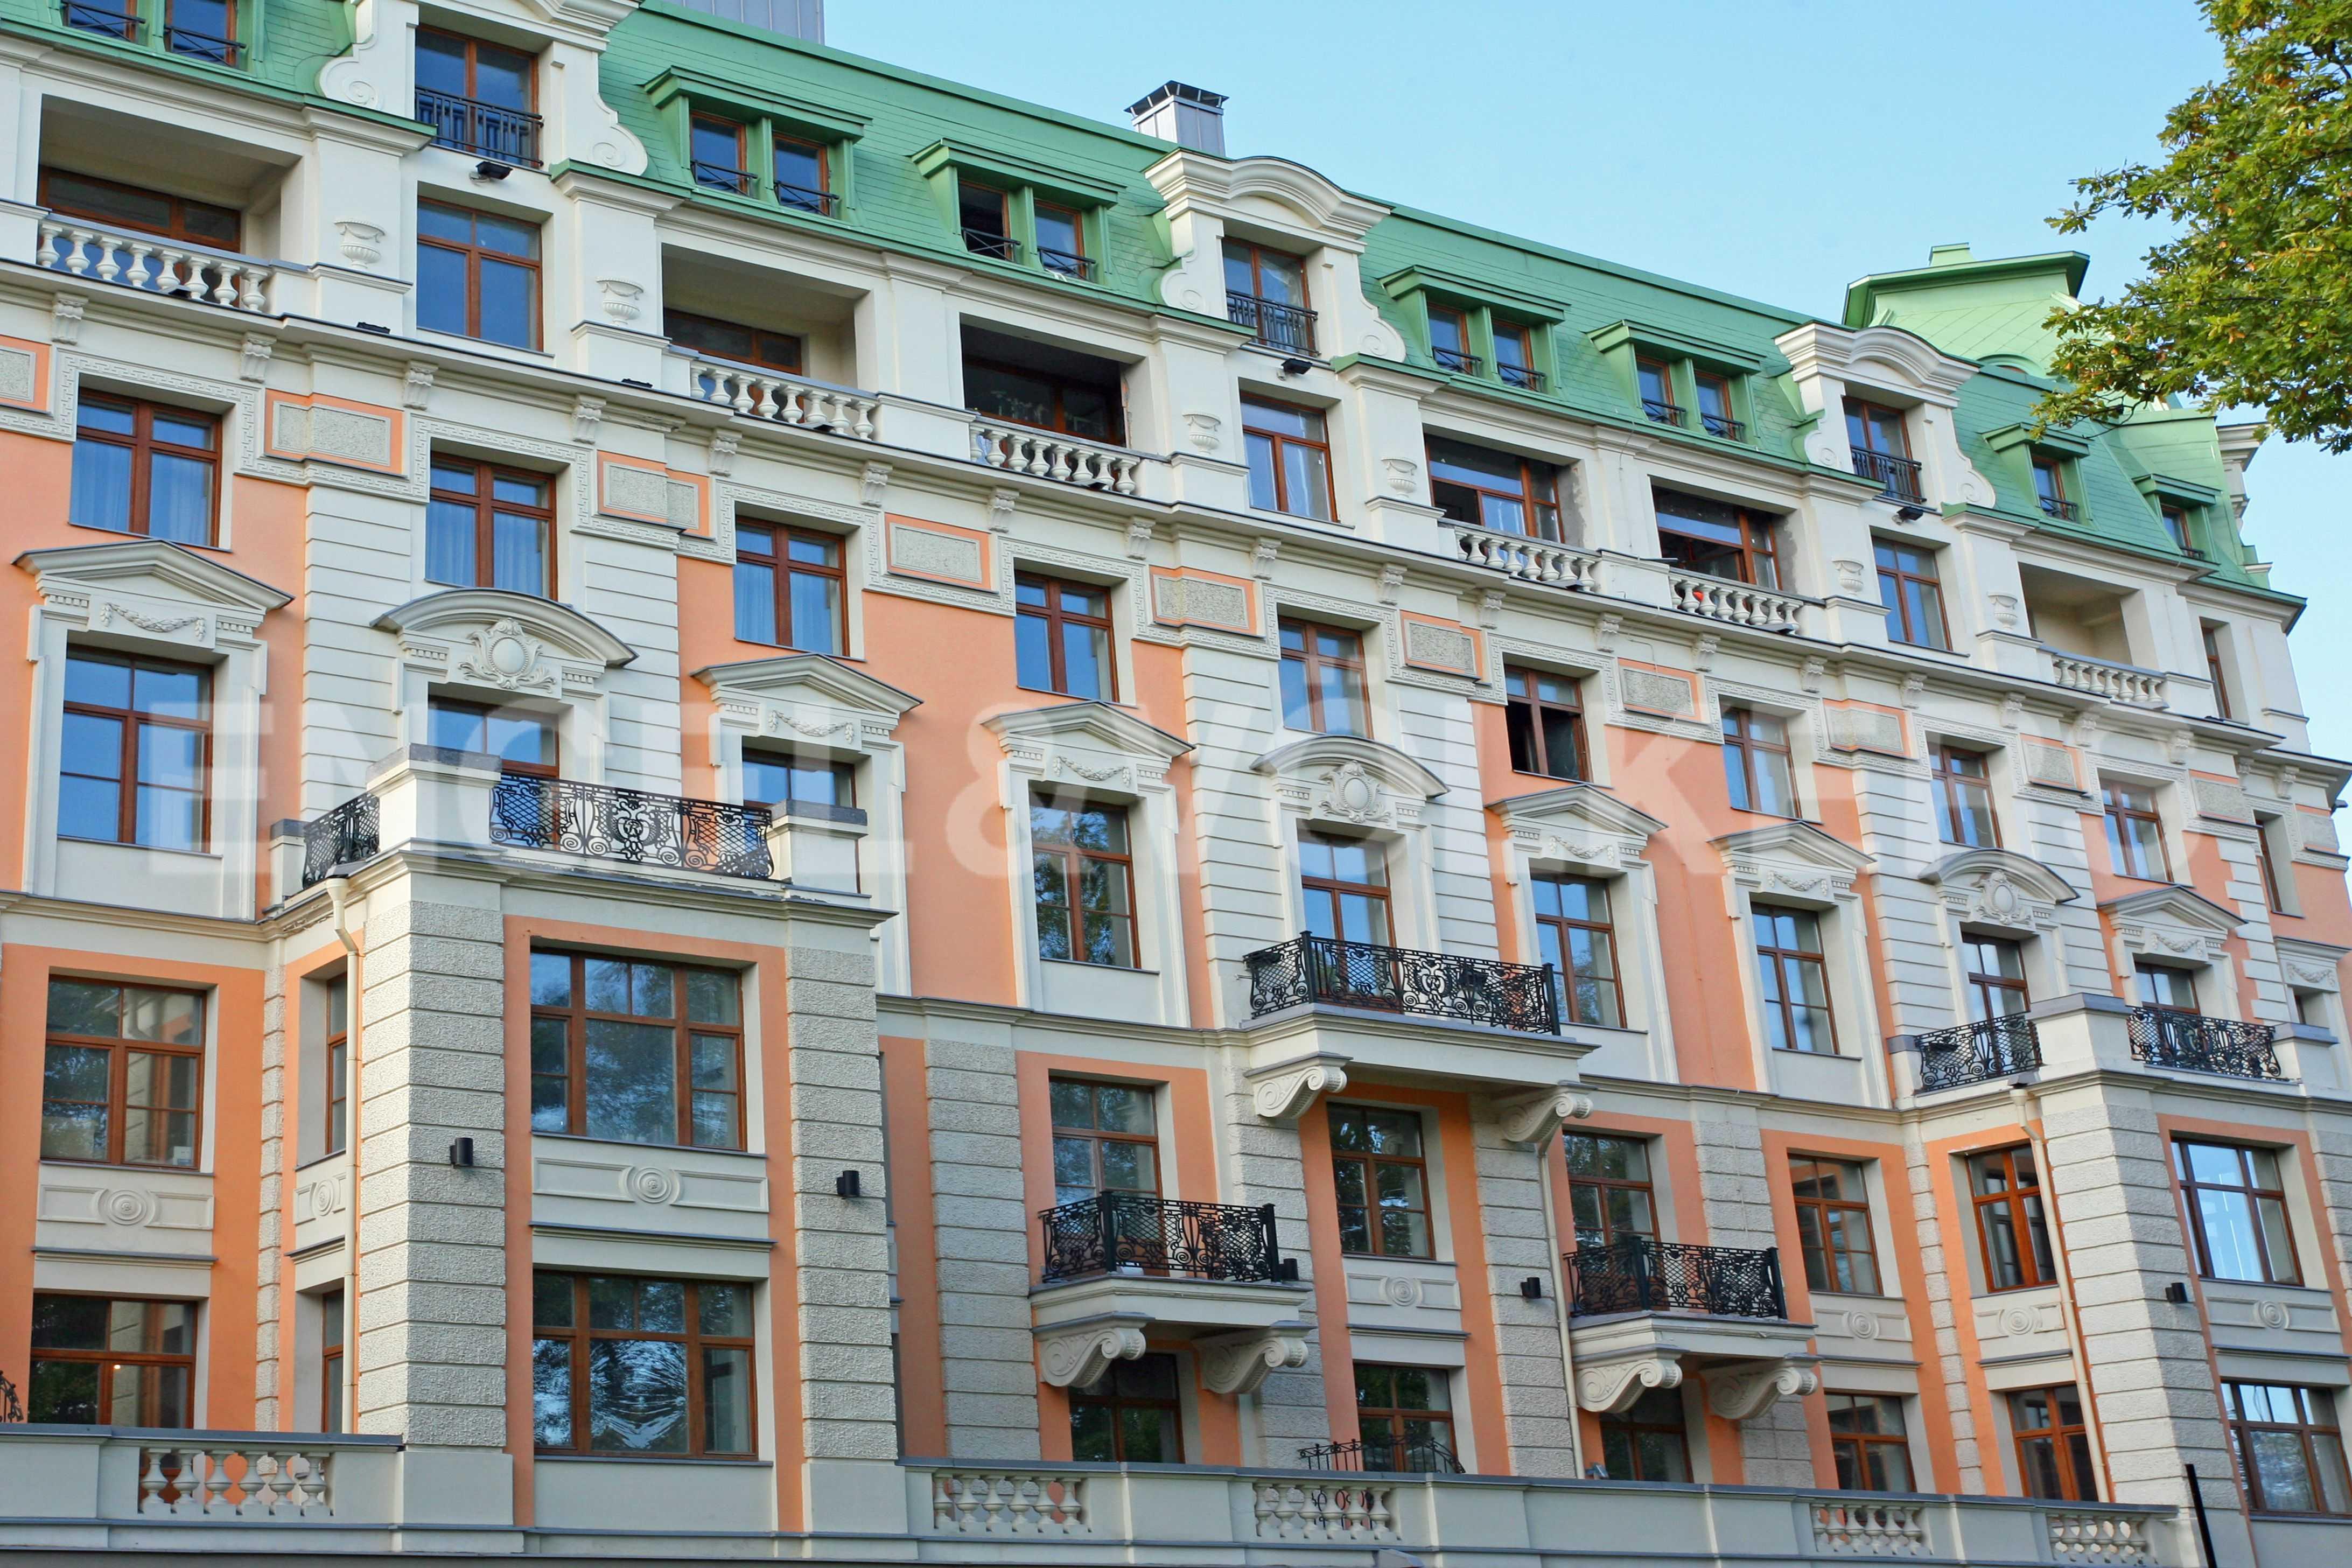 Элитные квартиры на Крестовском острове. Санкт-Петербург, Динамо,12. Восточная сторона дома. Вид на сквер